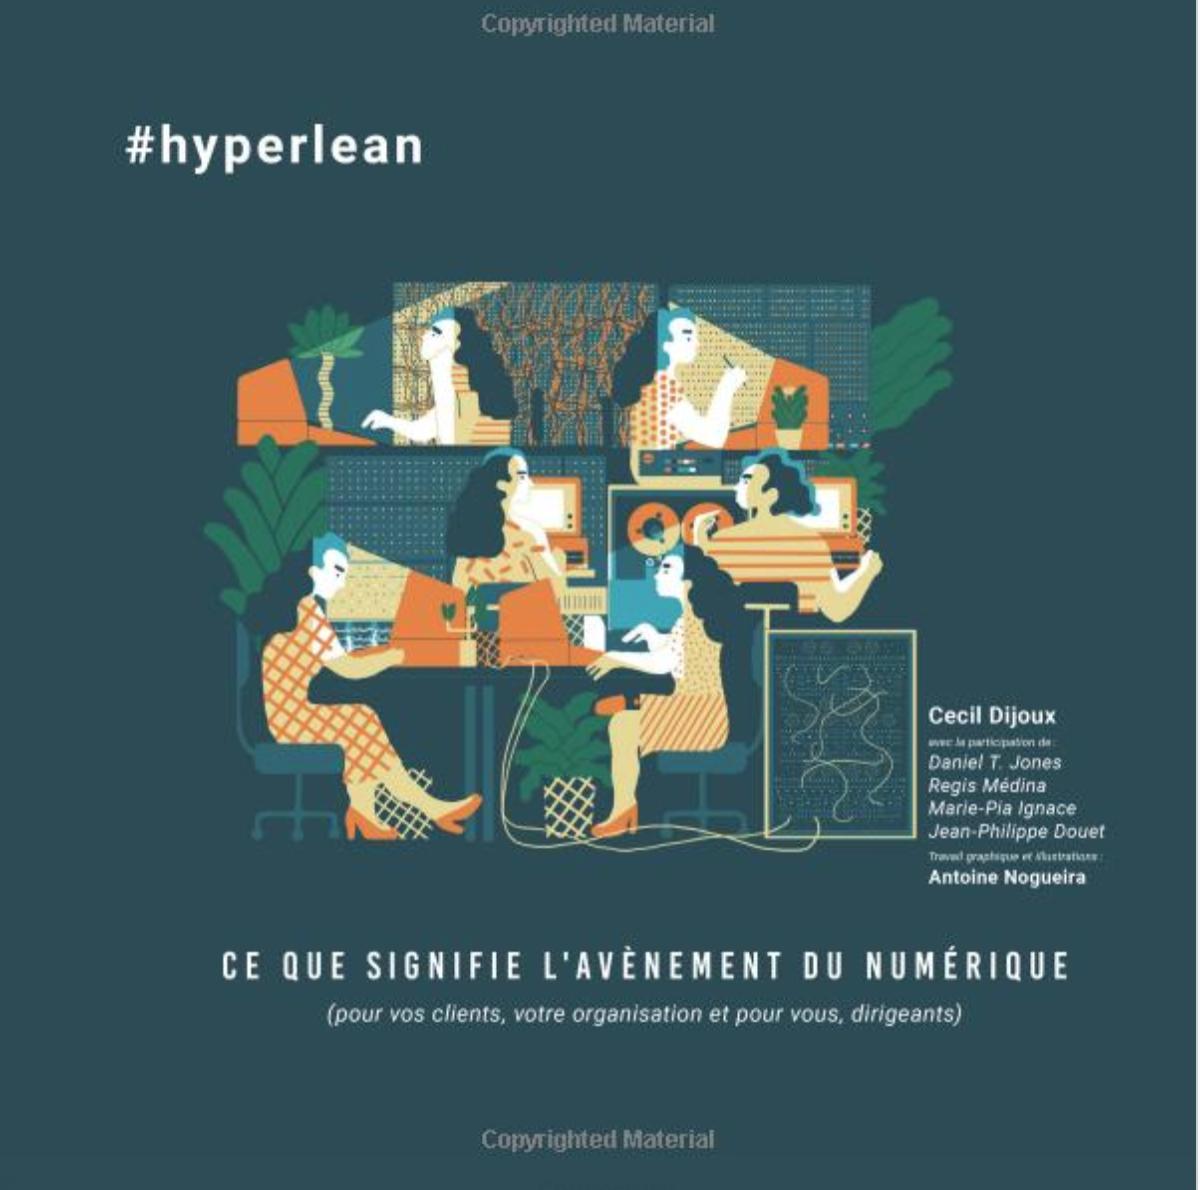 hyperlean-CecilDijoux